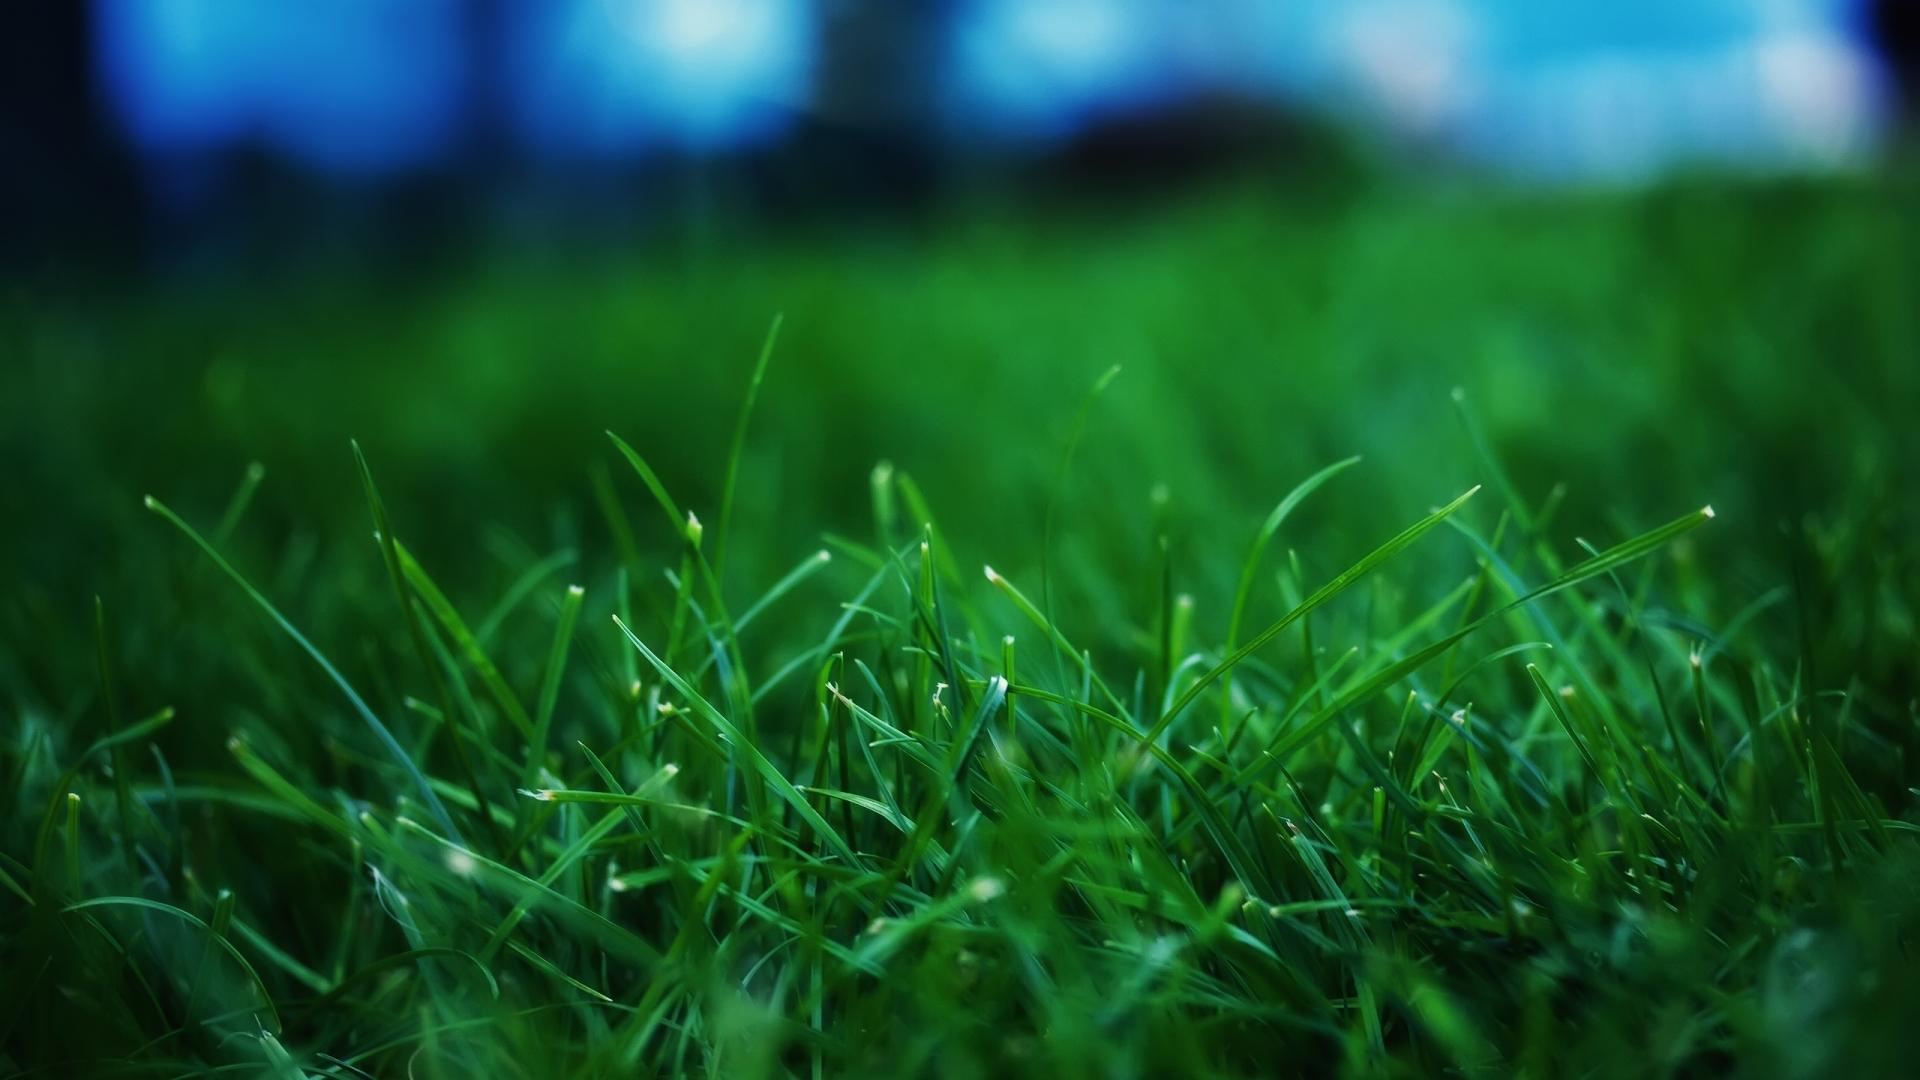 Close-Up-Grass-Wallpaper